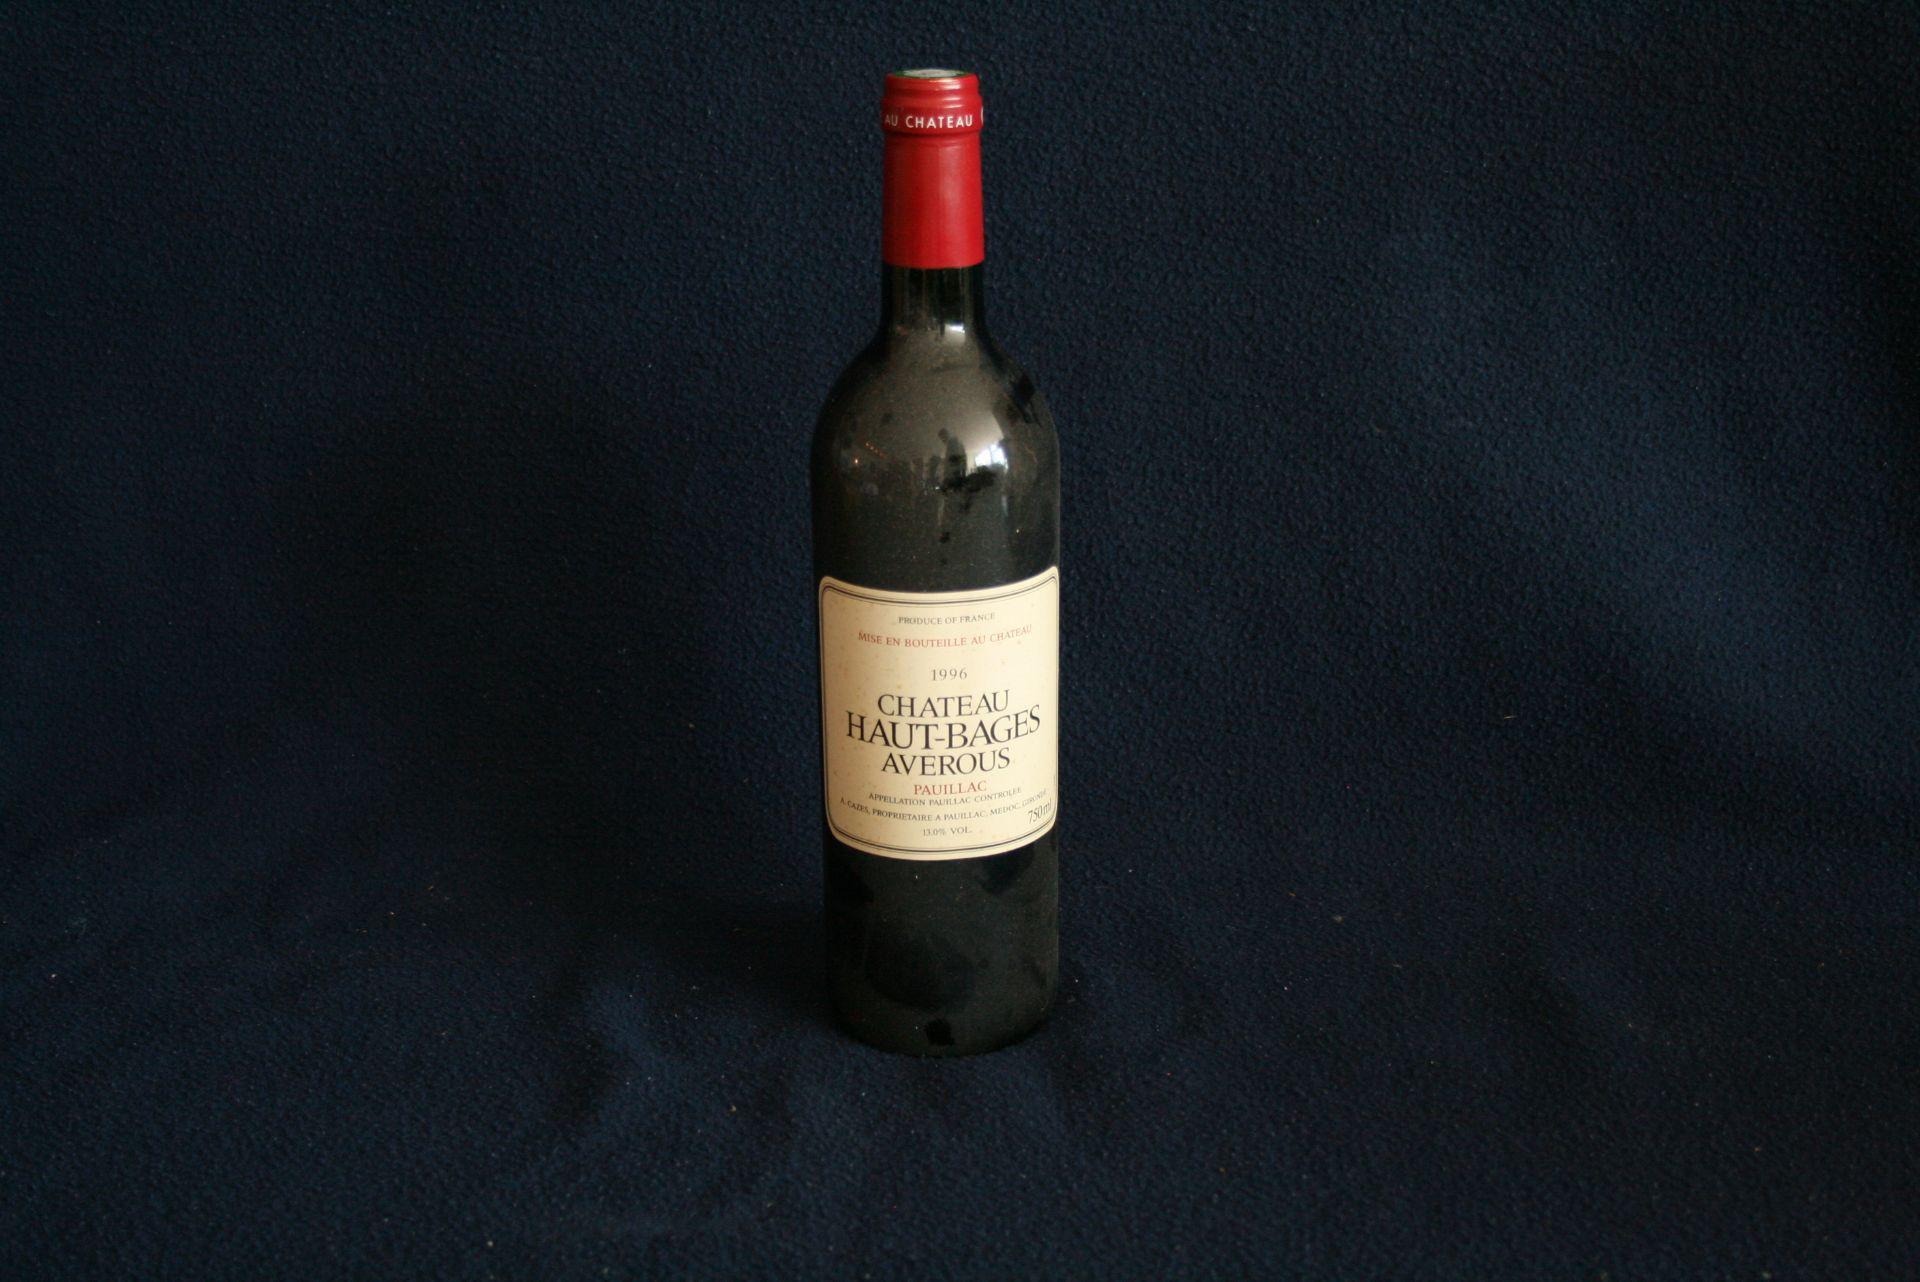 Los 57 - Bouteille Pauillac, Château HAUT-BAGES AVEROUS (Rouge) 1996, toujours conservée en [...]